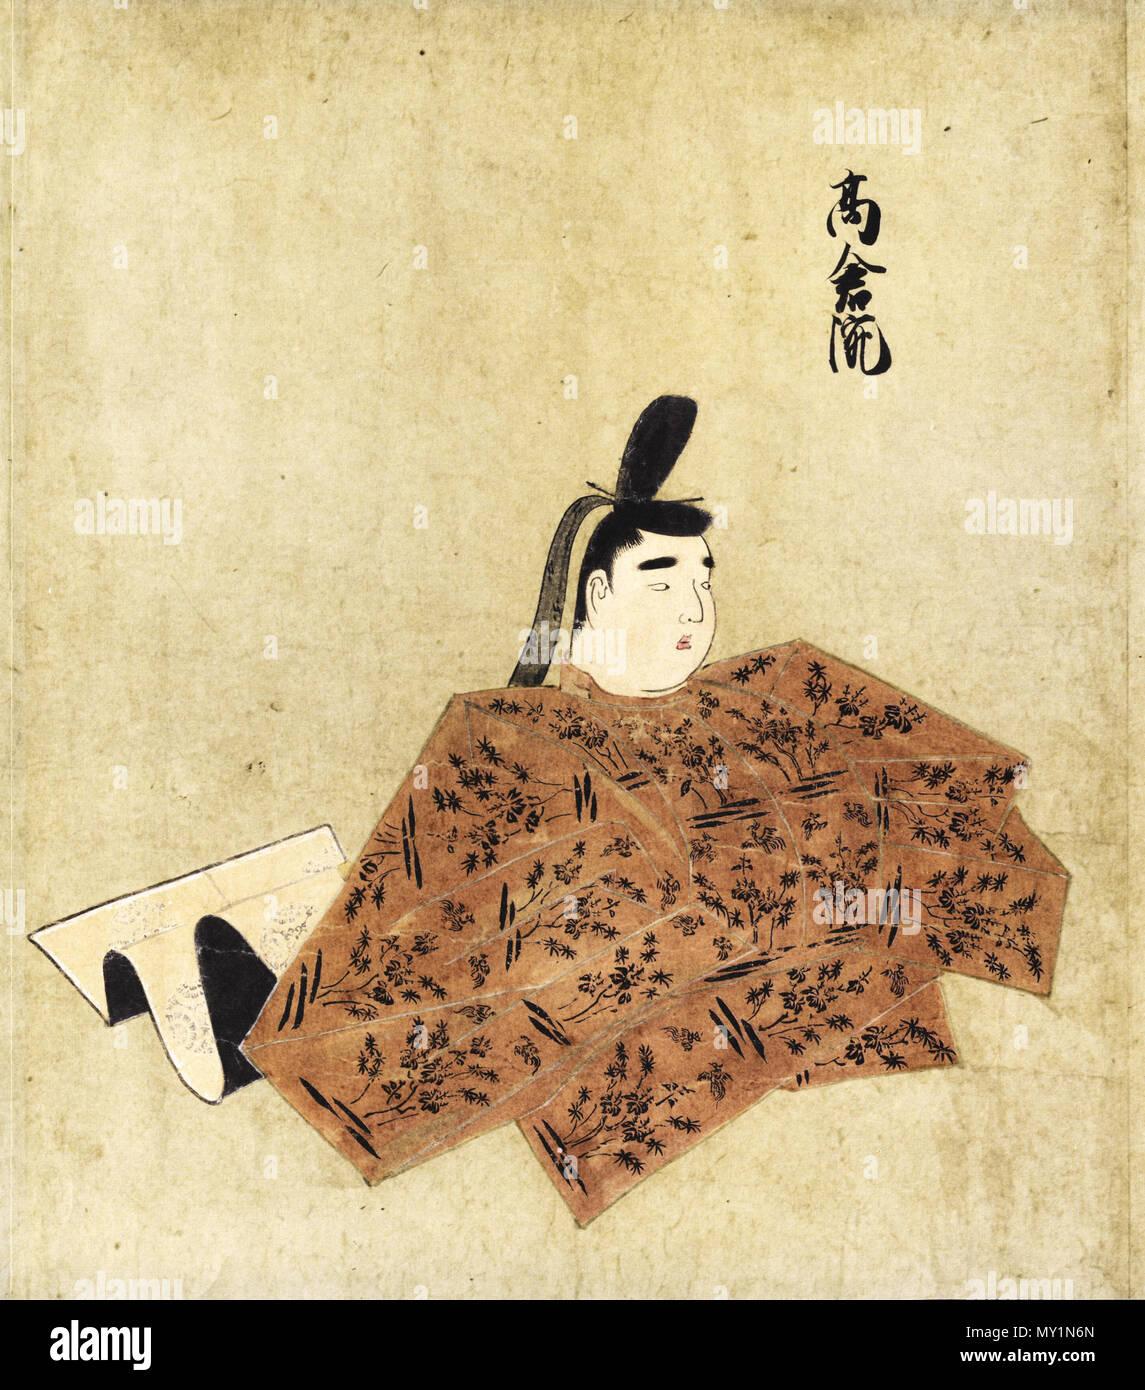 日本語: 高倉天皇像(『天子摂関...